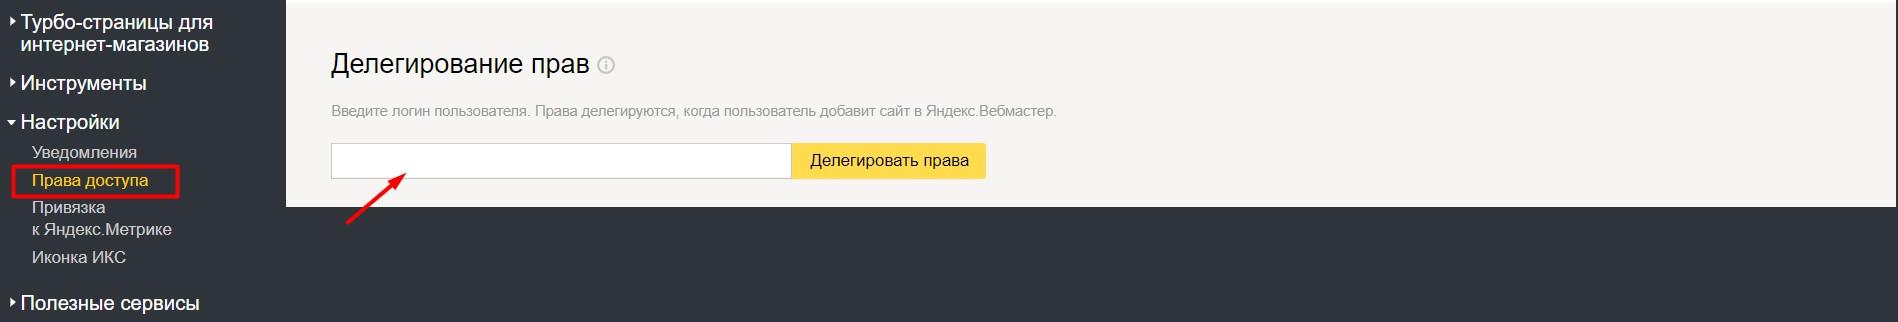 Как делегировать права в Яндекс.Вебмастер